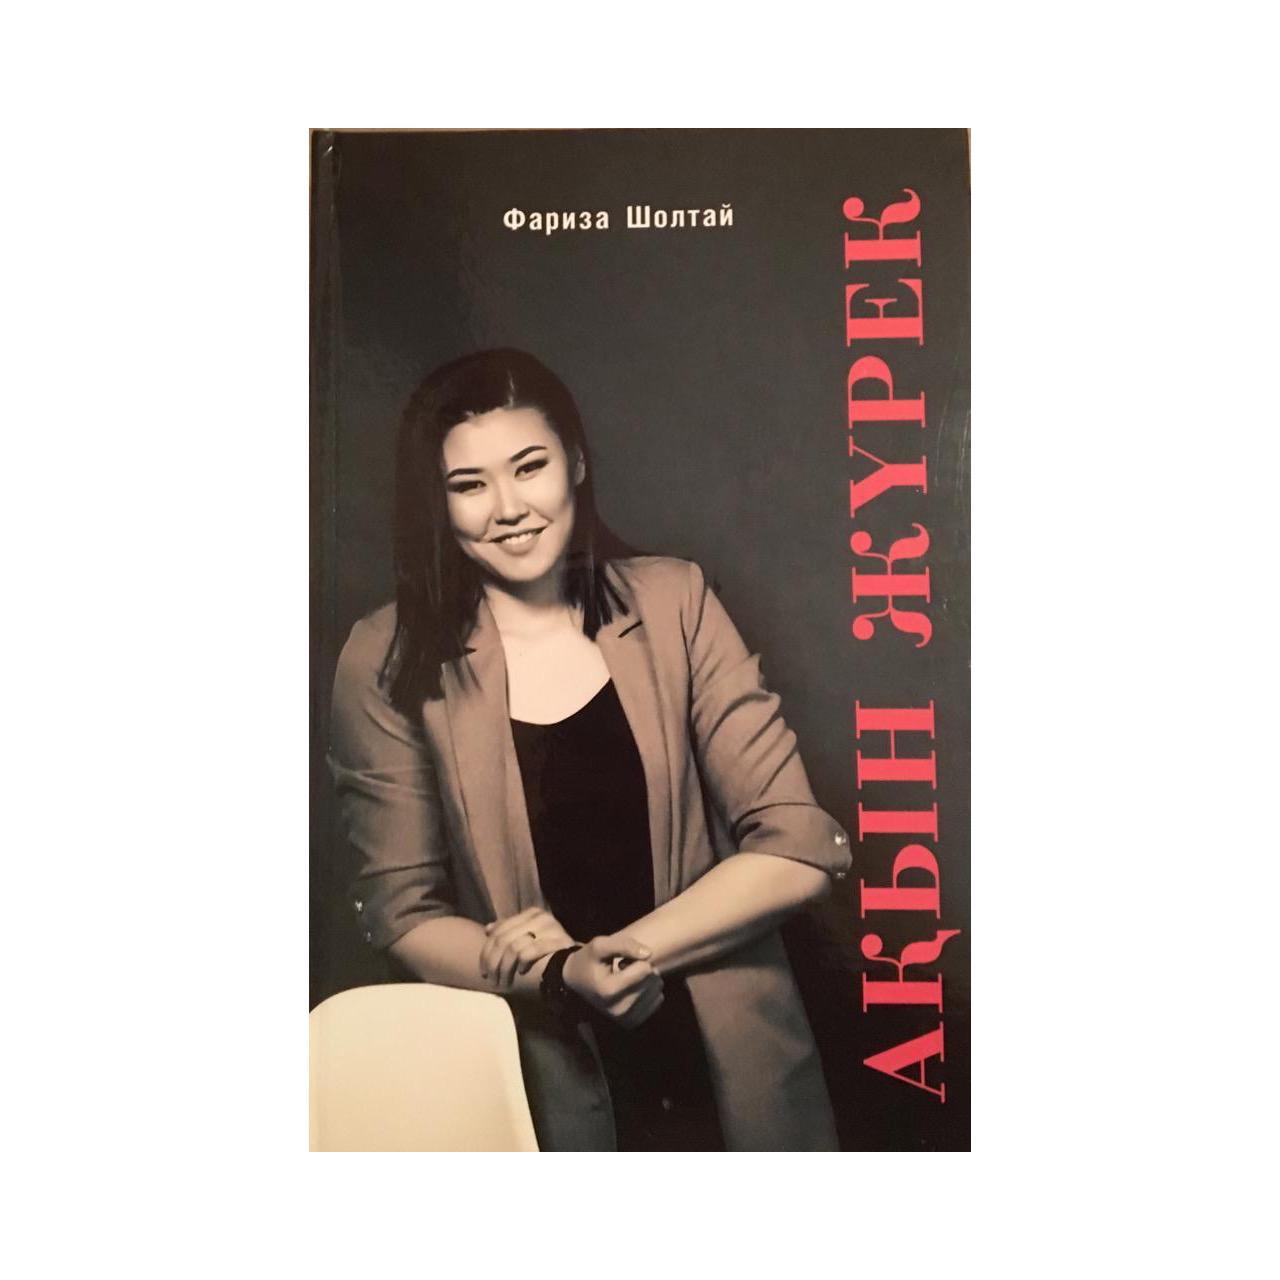 Бронзовый призер Чемпионата Азии Фариза Шолтай презентовала свою книгу